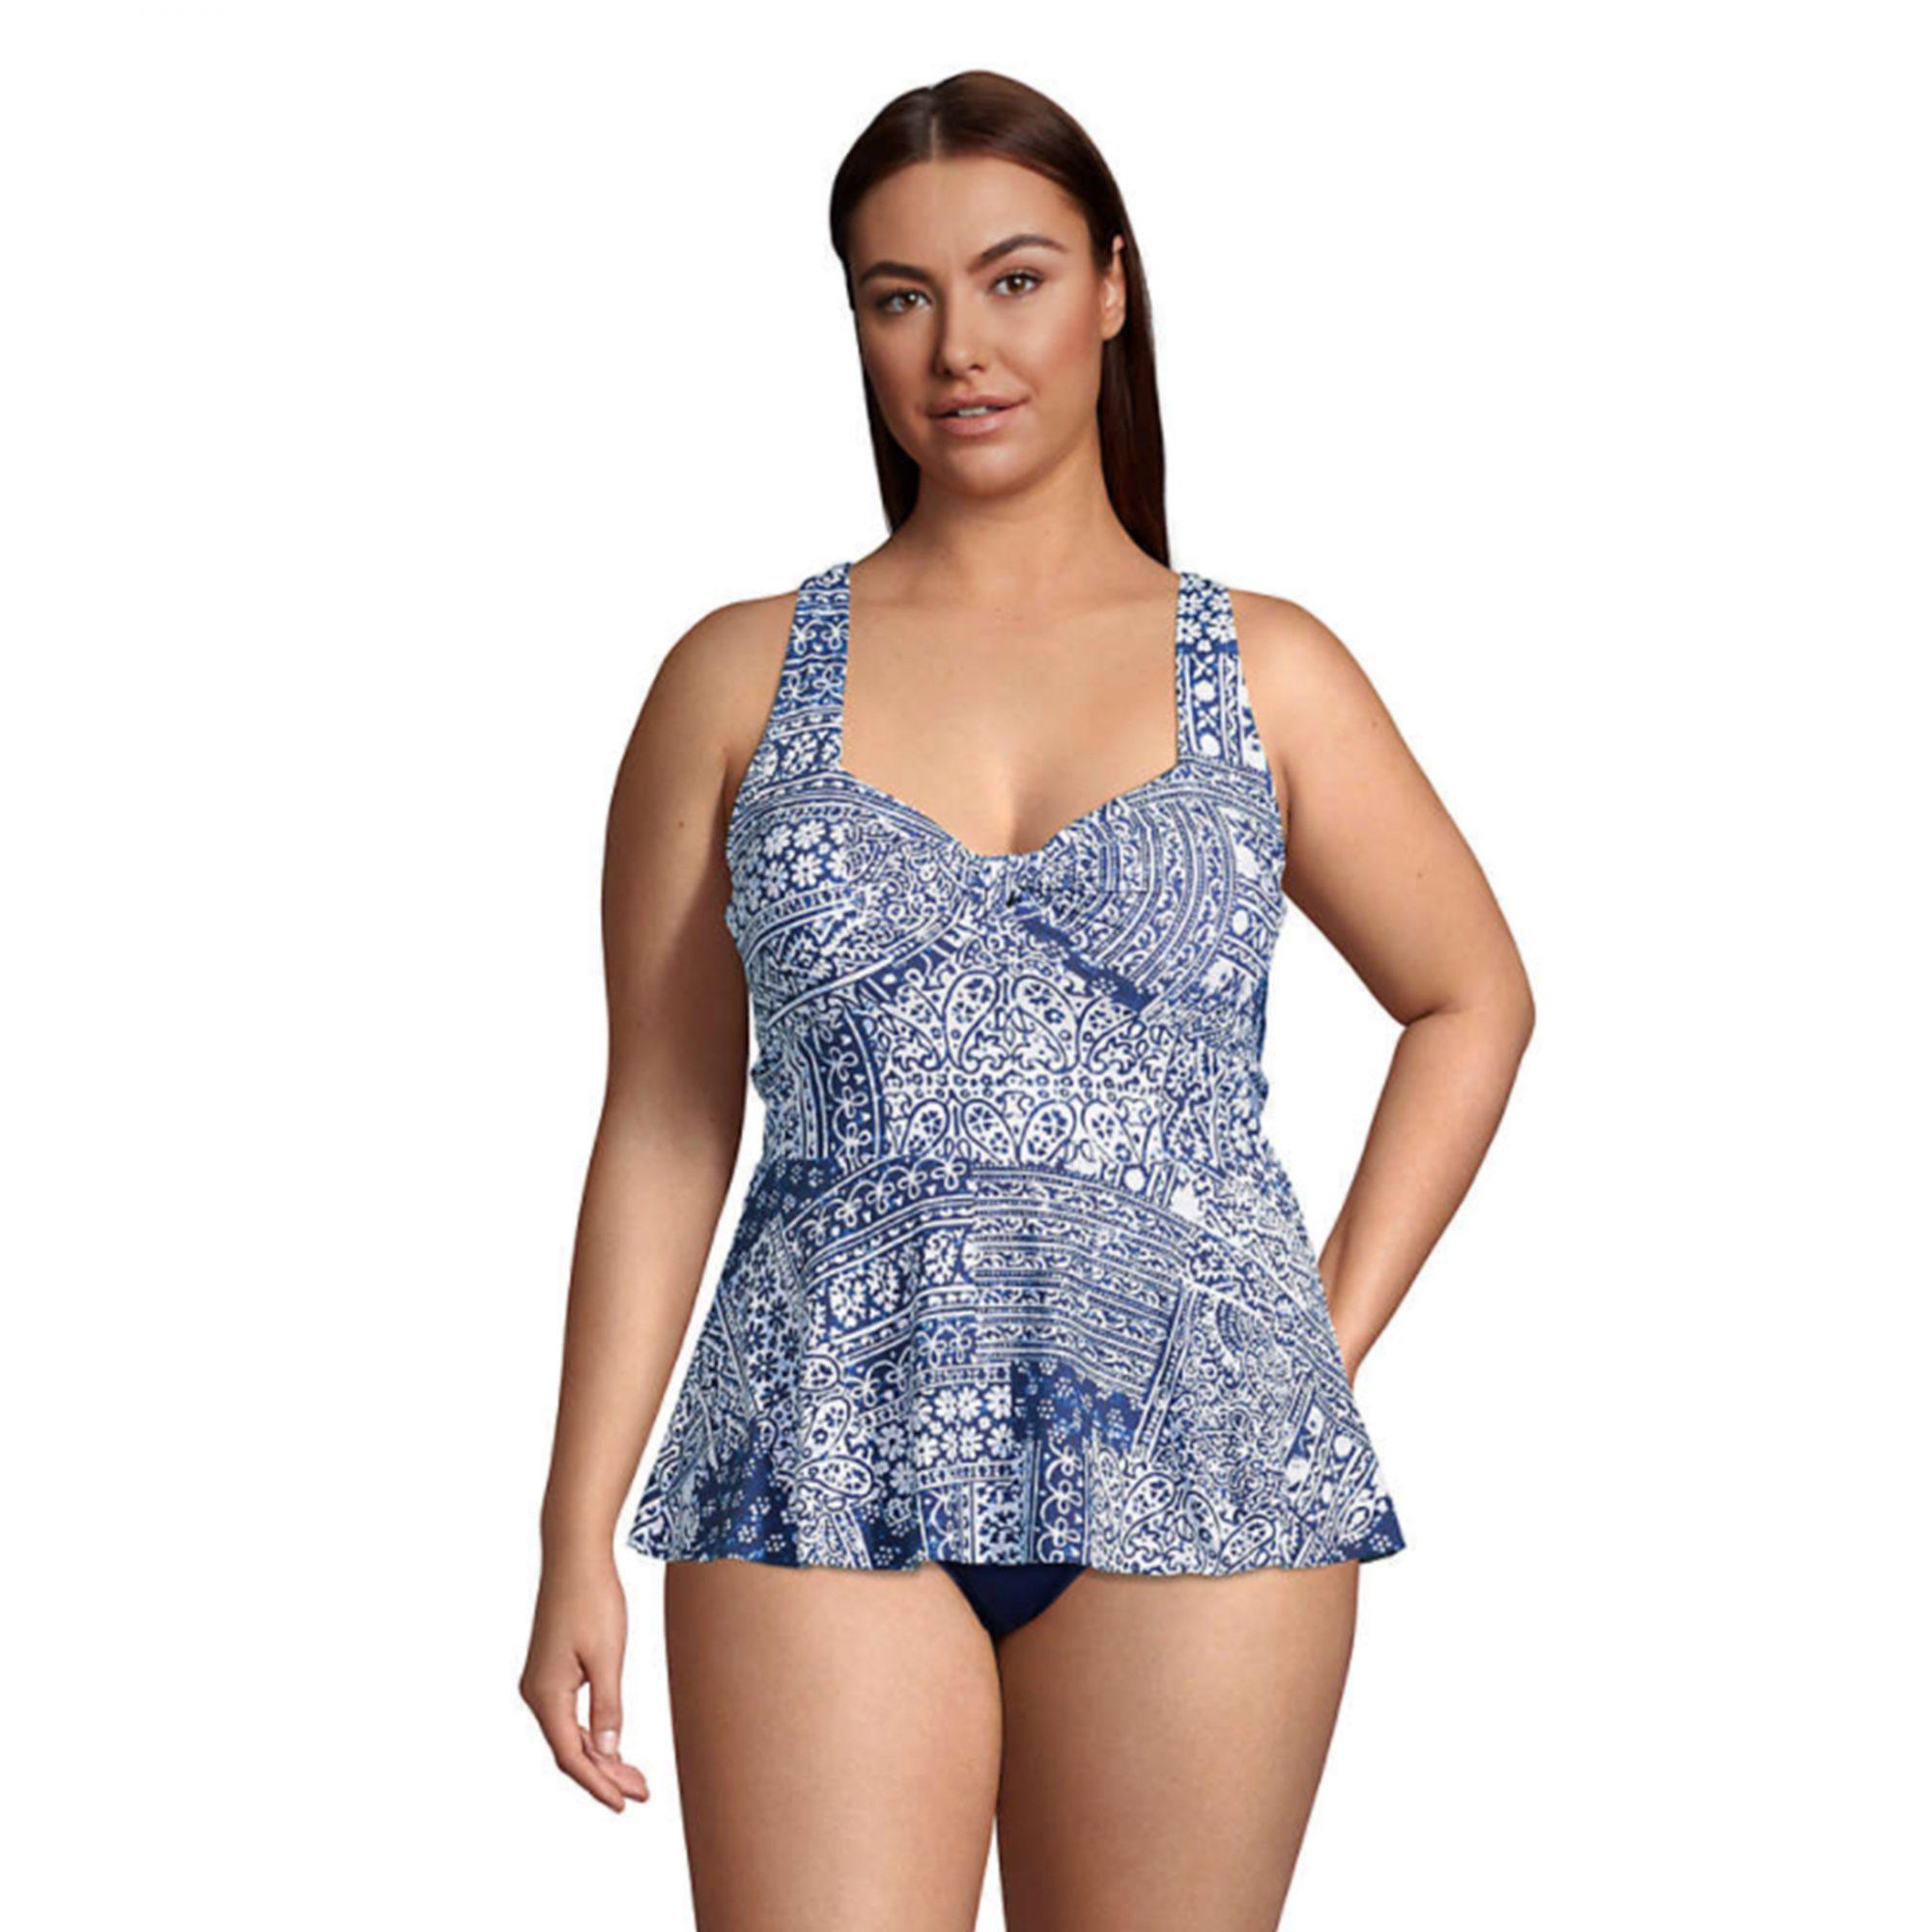 lands-end-tankini-swimsuit, plus-size-swimsuit